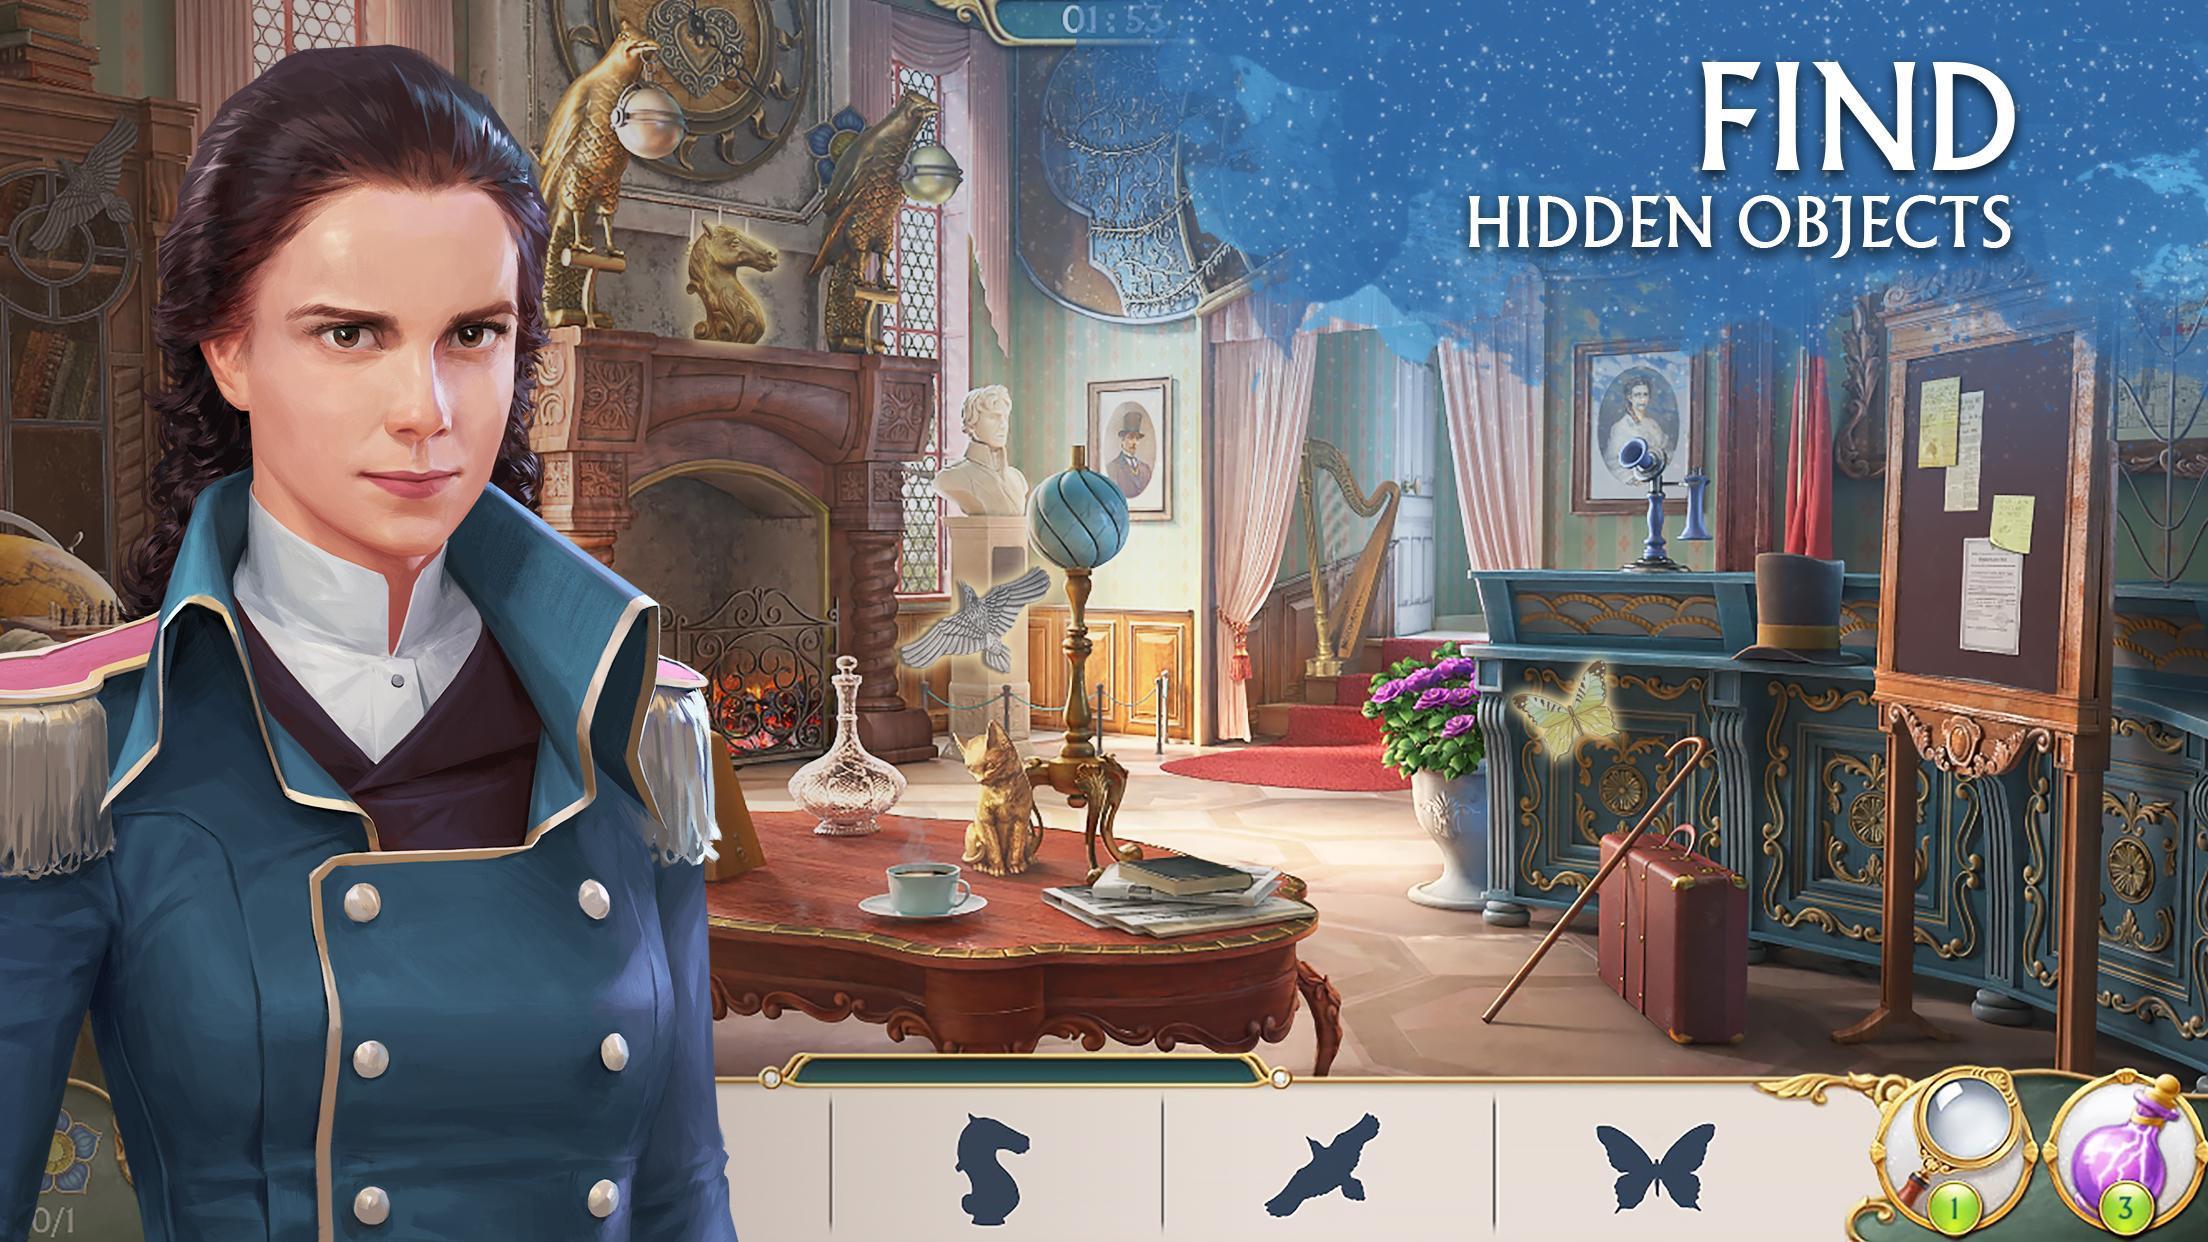 Ravenhill®: Hidden Mystery - Match-3 with a Story 2.21.1 Screenshot 1